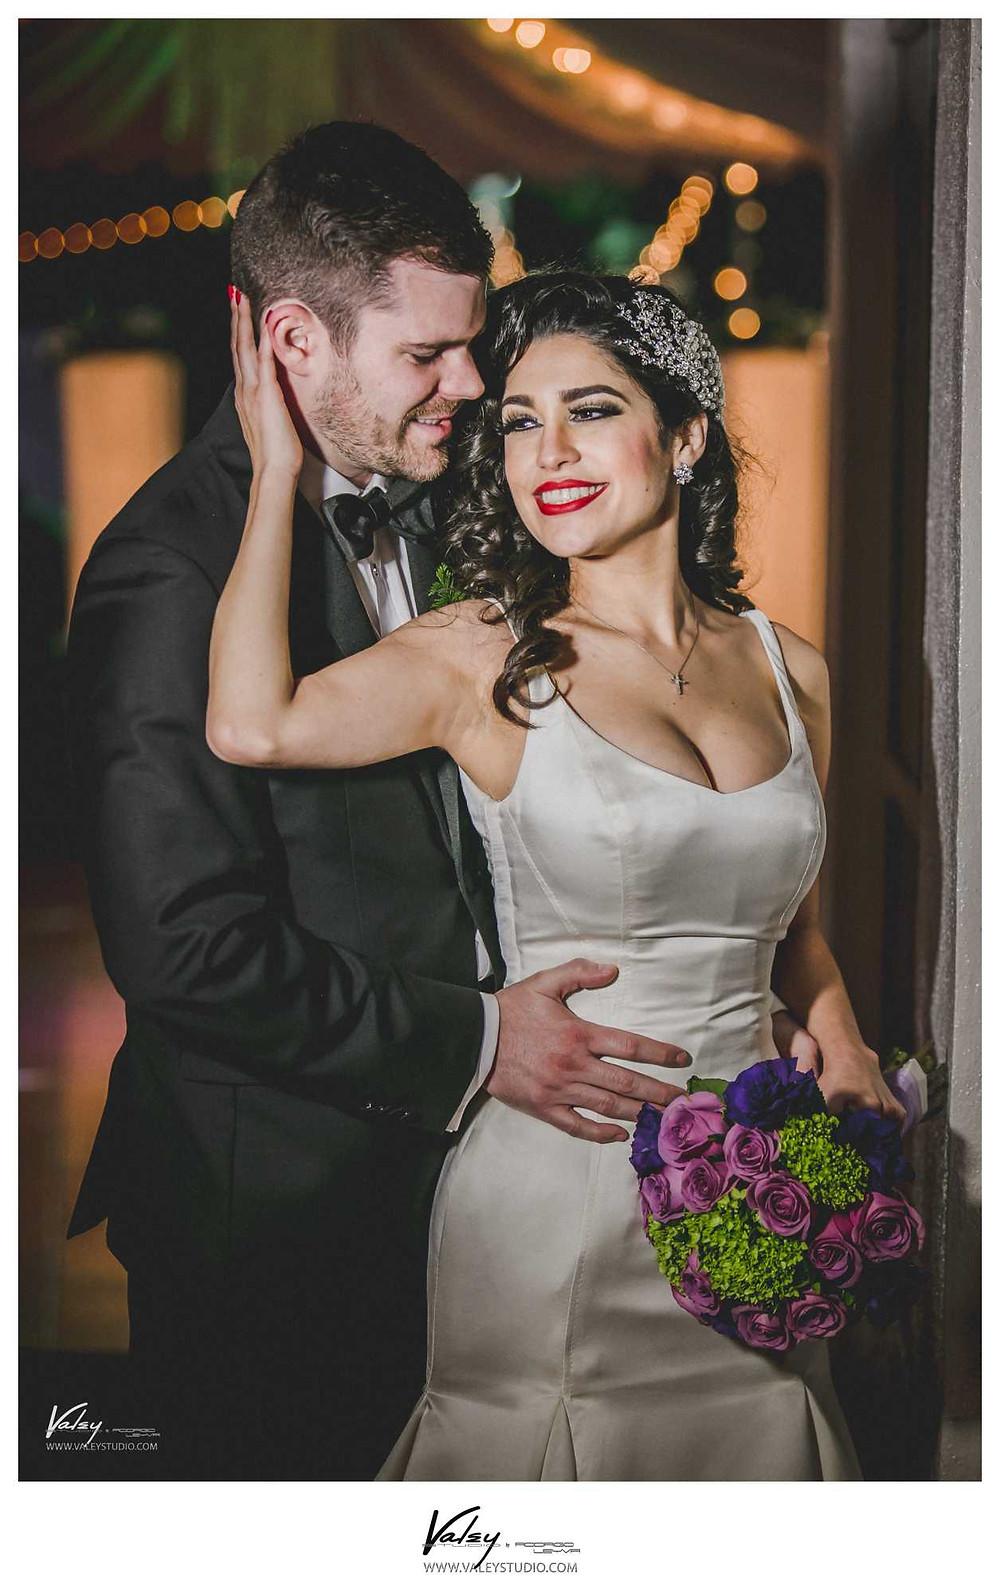 wedding-valeystudio-real-del-rio-tijuana-49.jpg